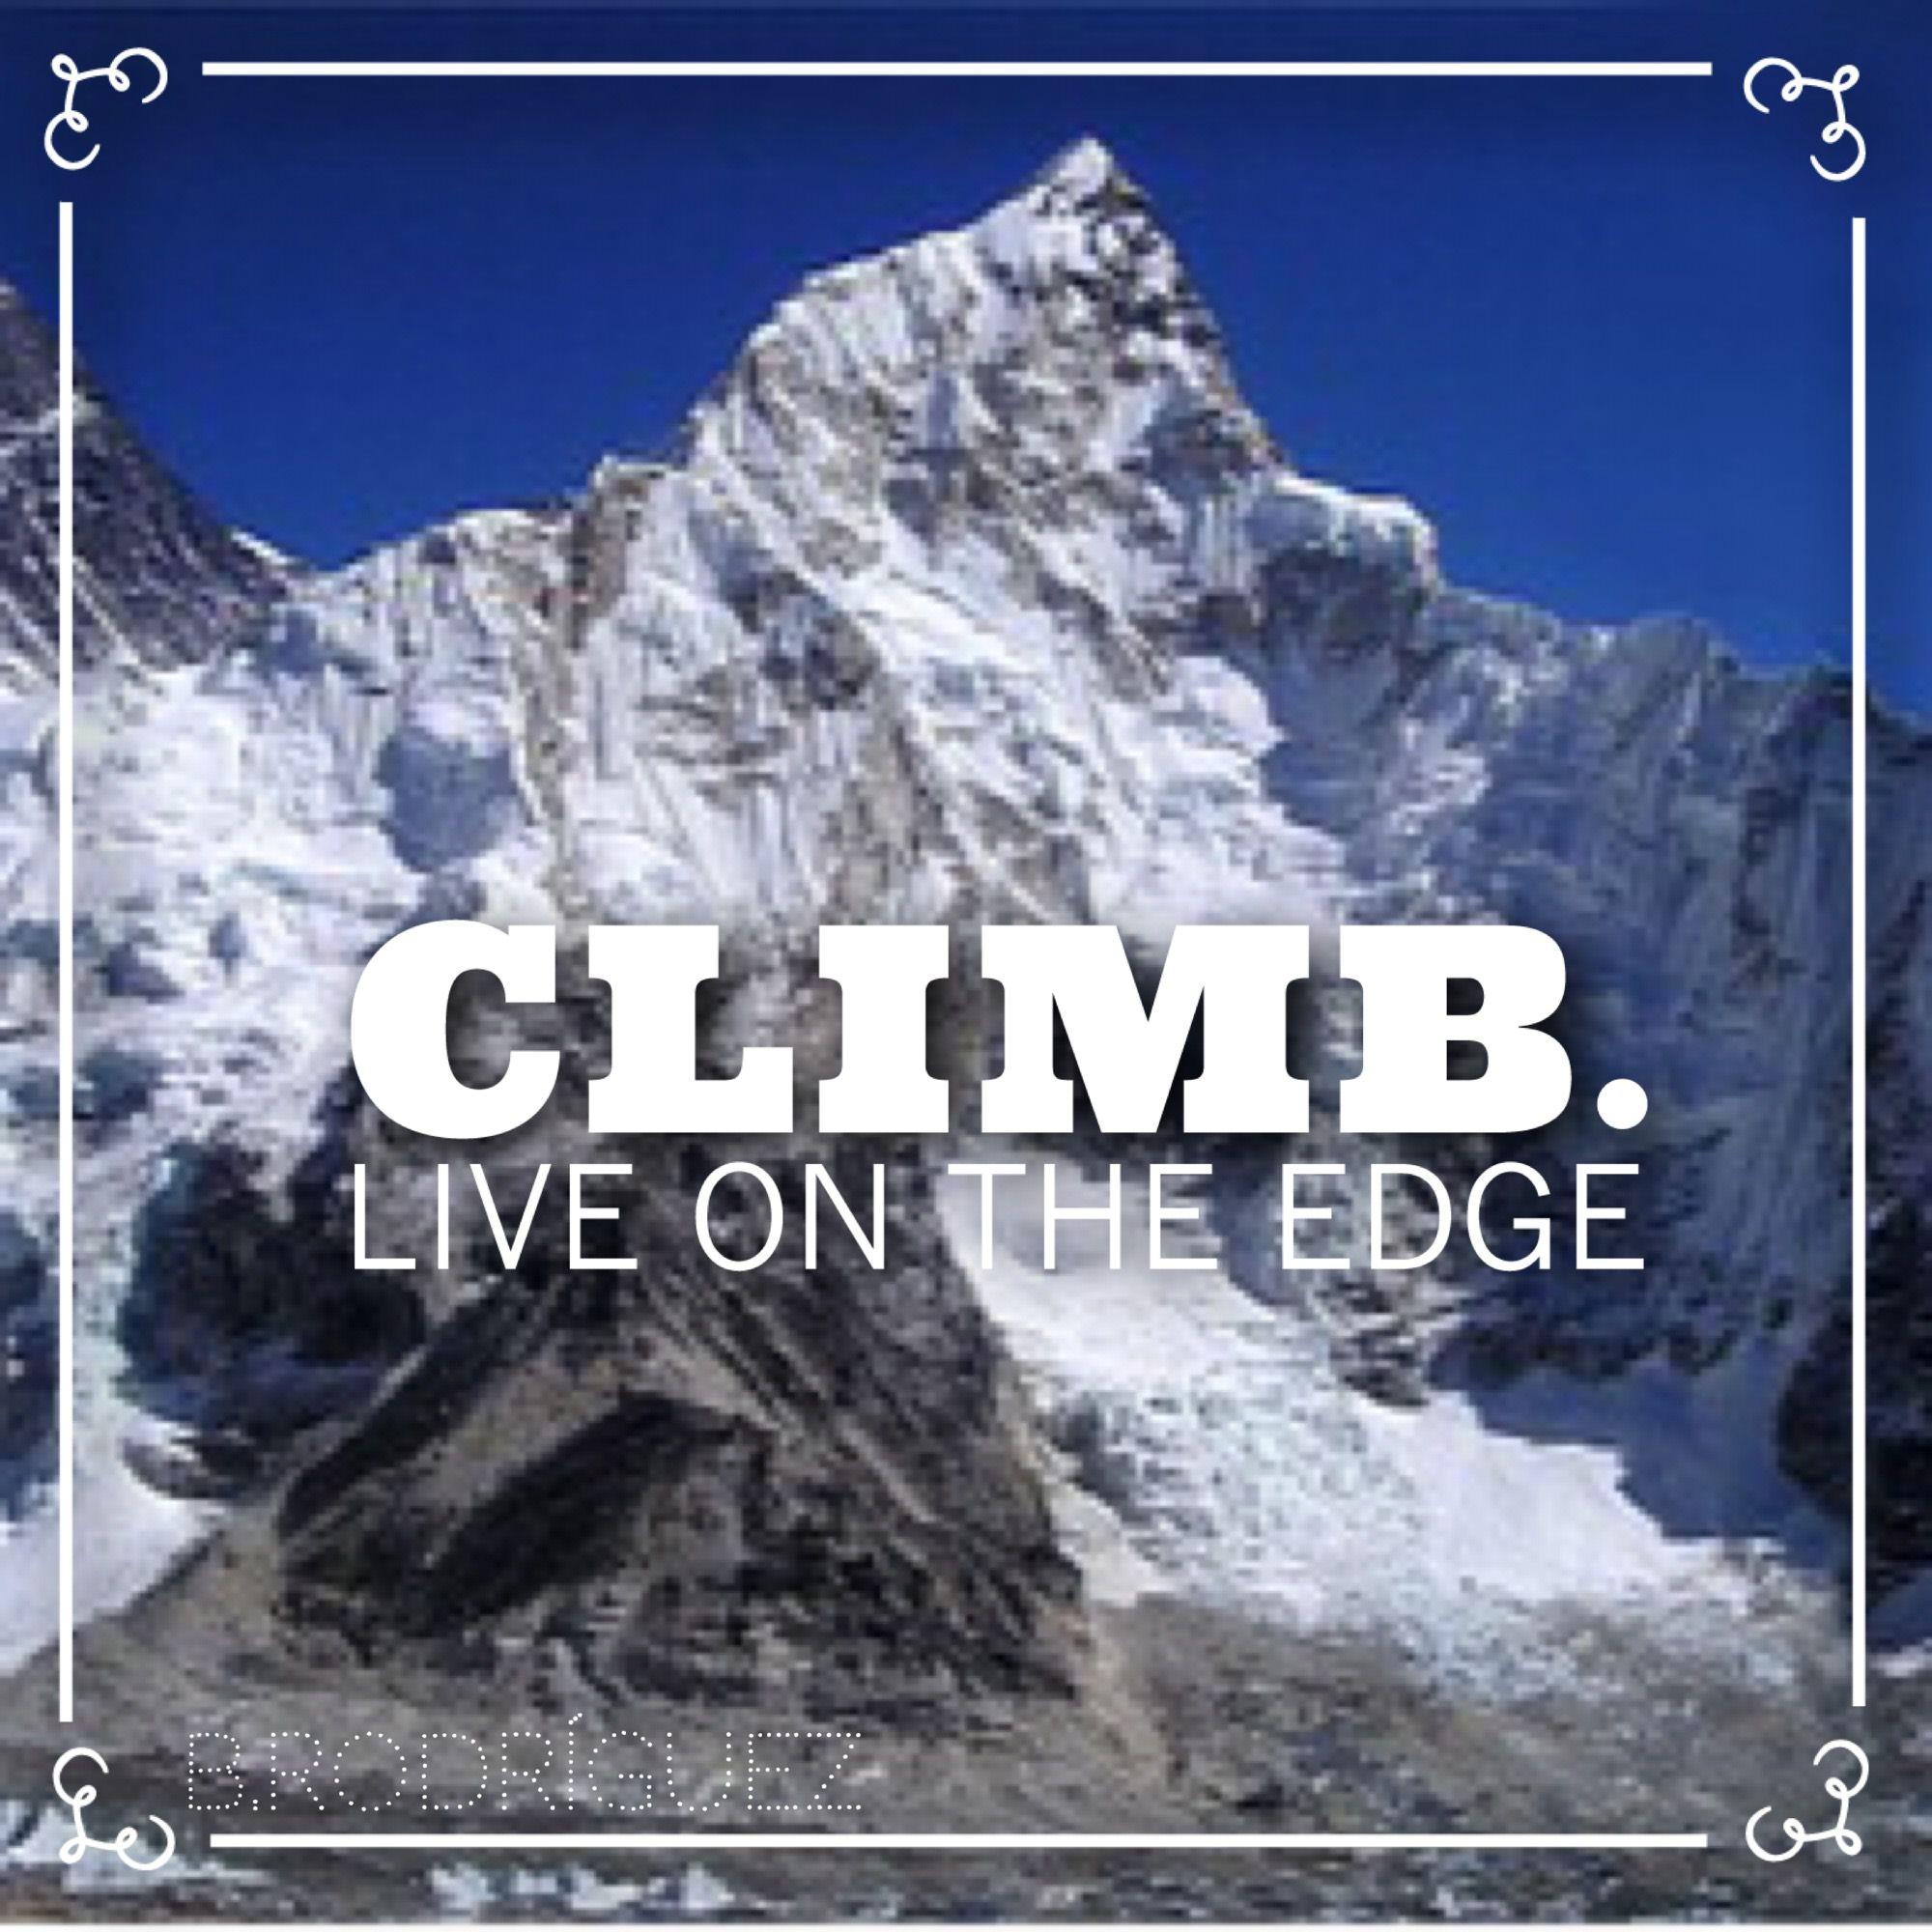 """""""Monte Everest, me has vencido esta primera vez. Pero te conquistaré el proximo año, por una razón muy simple: tu ya has llegado al maximo de tu estatura, mientras que yo todavia estoy creciendo!""""- Edmund Hillary  Cada uno de nosotros tiene su propio Everest que escalar. Recuerda que ya lo conoces y no puede crecer mas. Ahora te toca a ti crecerte ante el. No le des poder! #connectwithyourmisma #blog #share"""